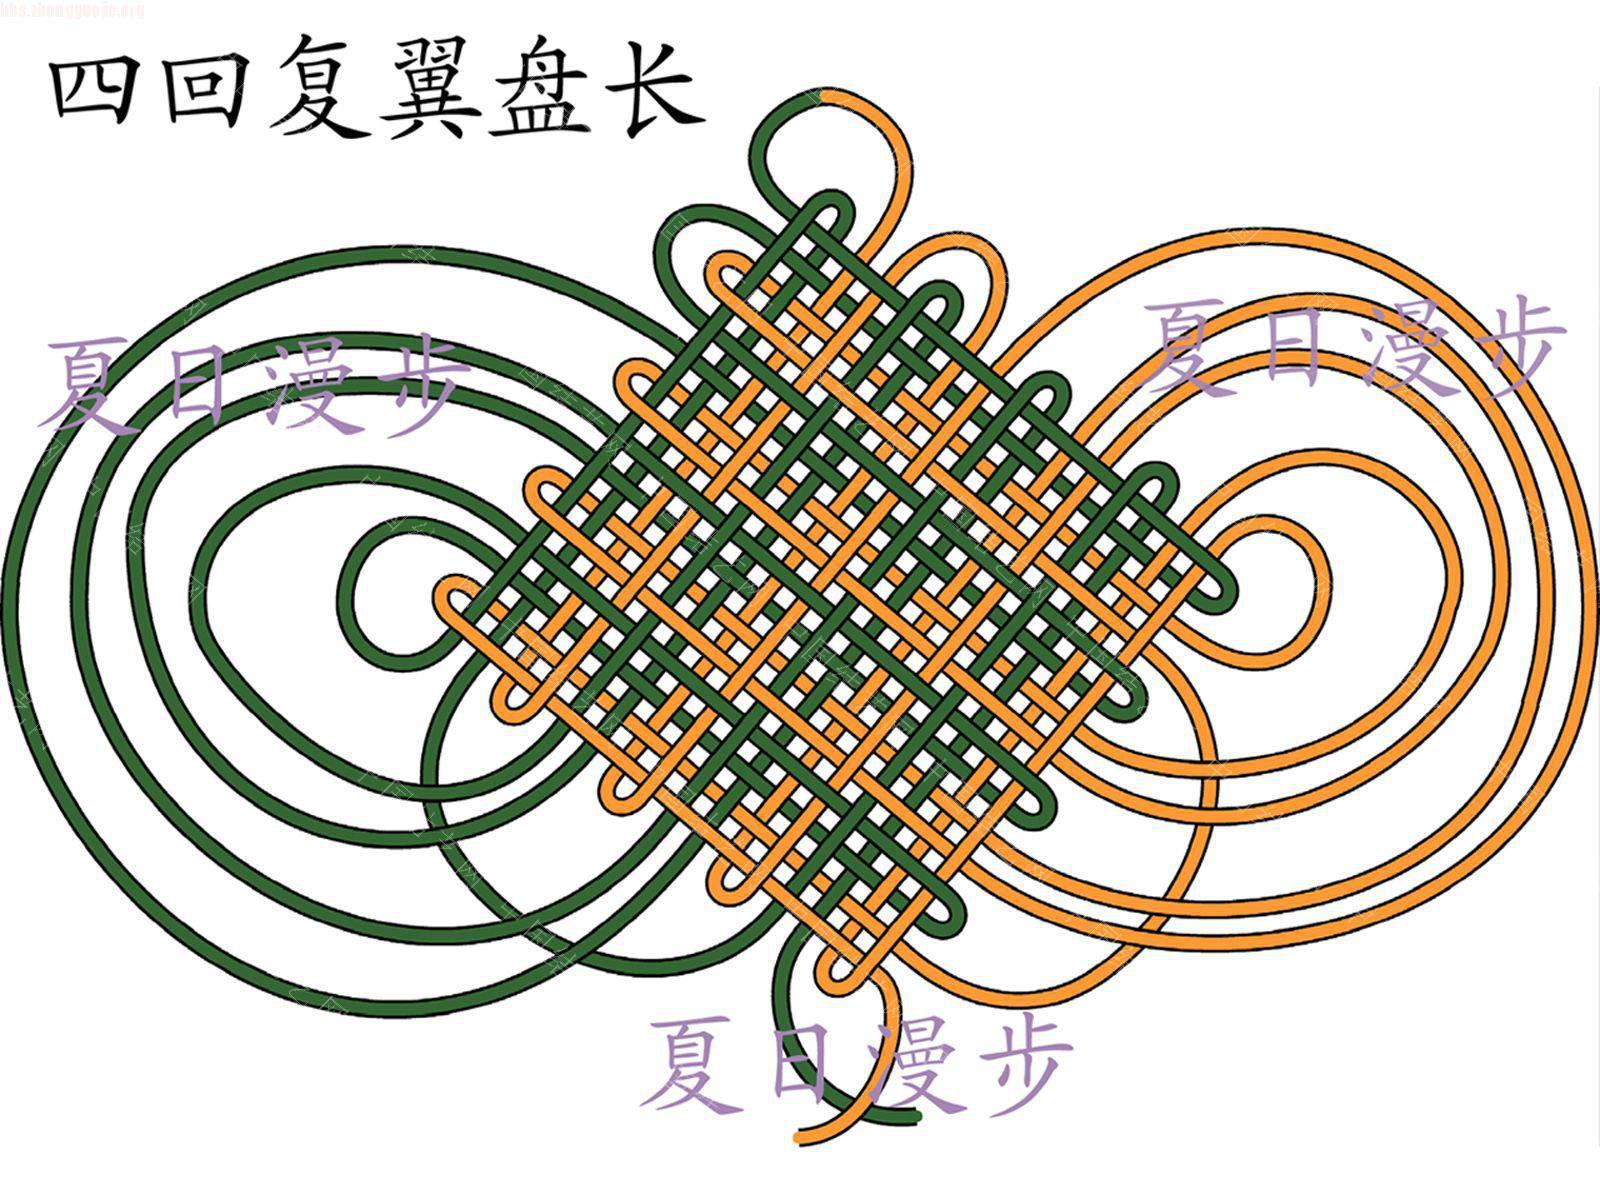 中国结论坛 四回复翼盘长结  基本结-新手入门必看 101215125755f119f631111976